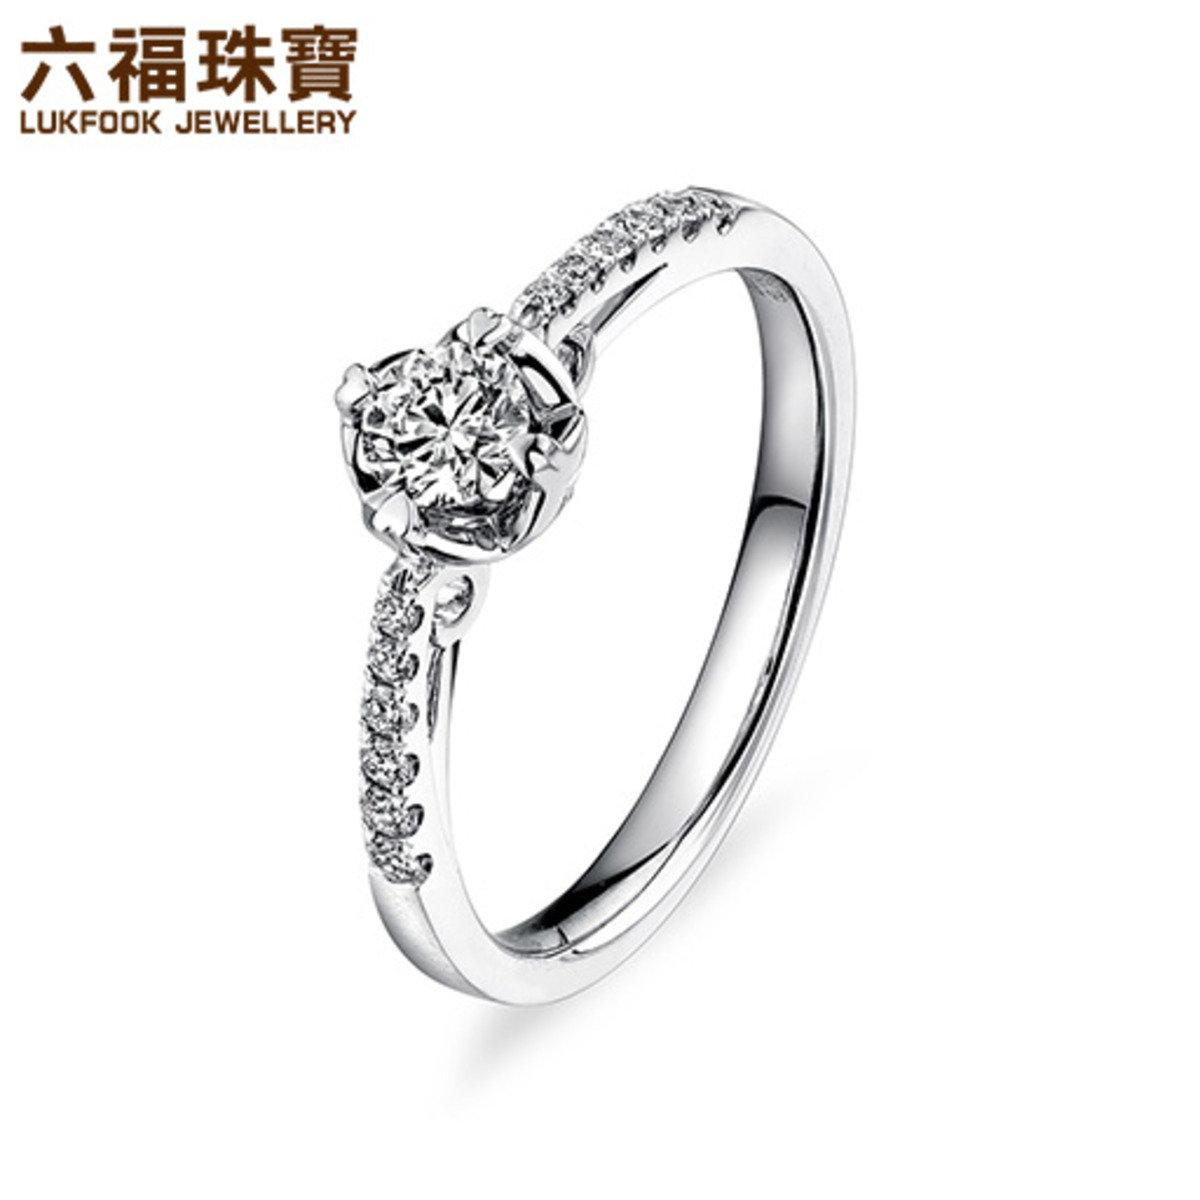 愛很美 女裝 18K/750金(白色)鑲單鑽石襯鑽石戒指